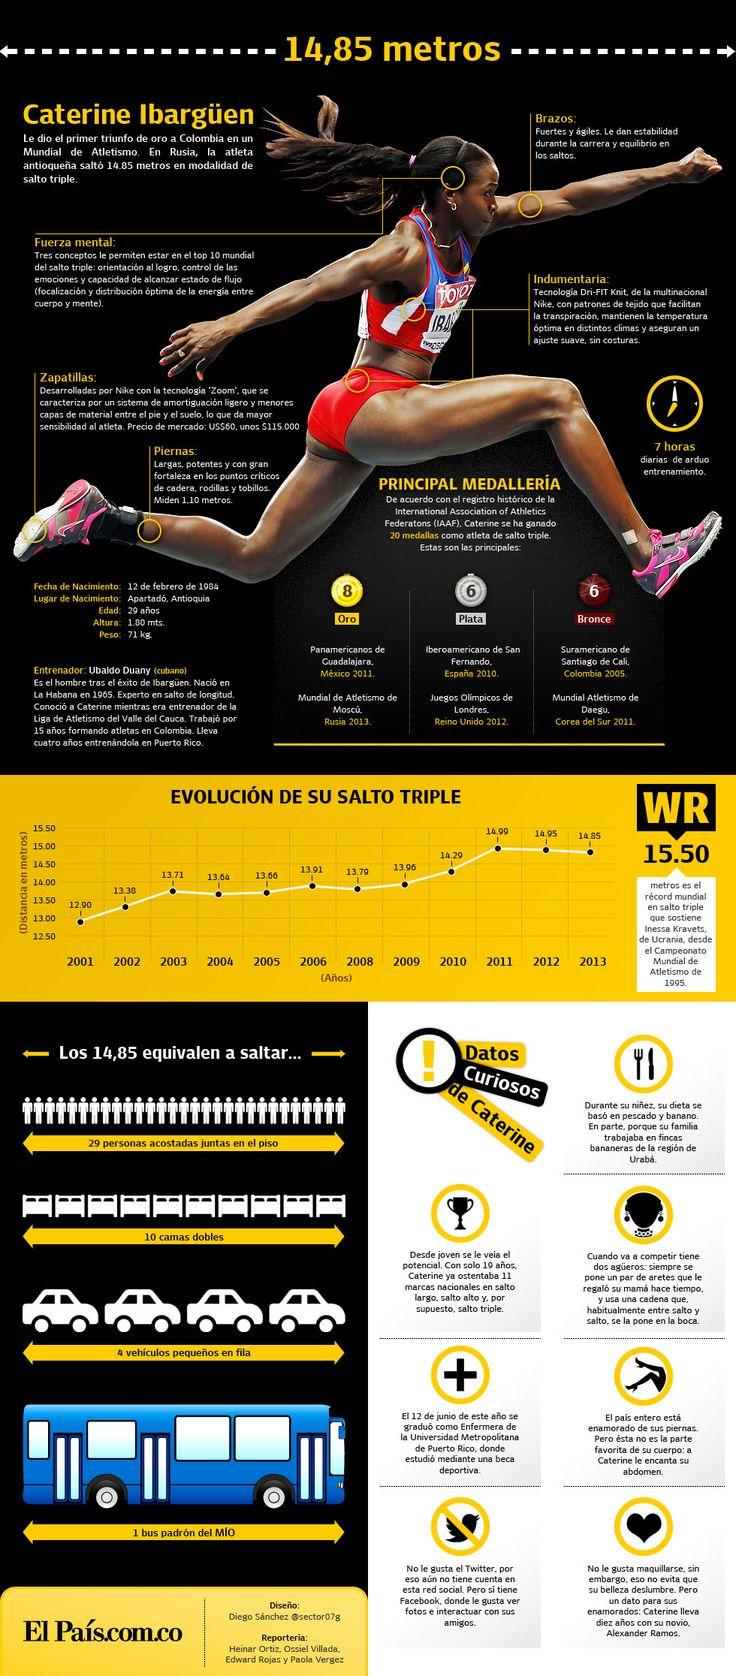 Infografía: los detalles detrás del triunfo de Caterine Ibargüen. Medalla de Oro en Triple Salto, Campeonato Mundial de Atletismo Rusia 2013